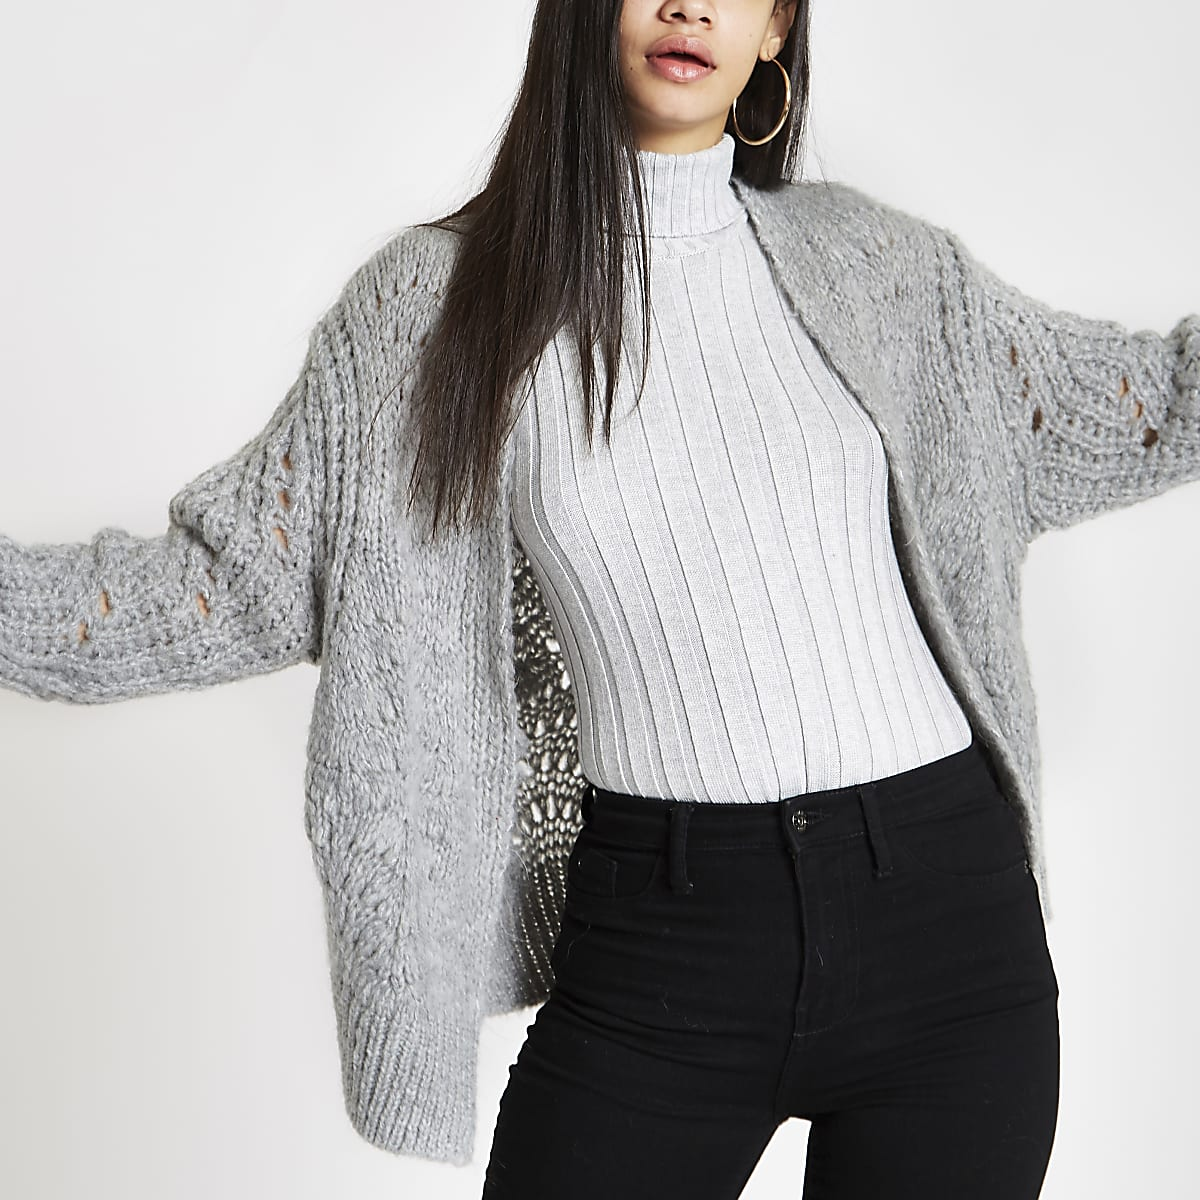 9fb205466b25 Grey knitted cardigan - Cardigans - Knitwear - women